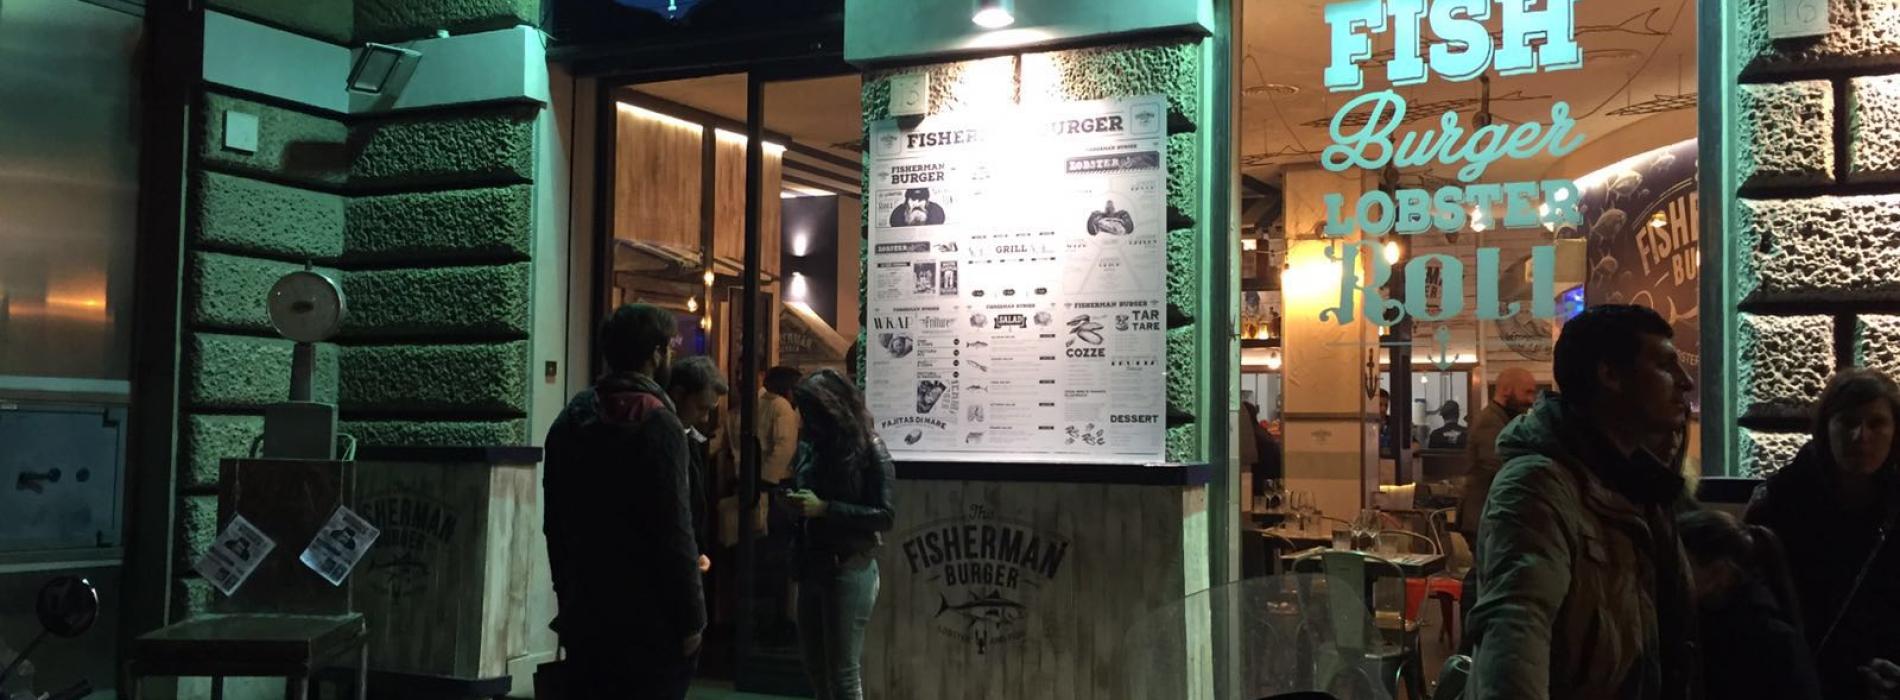 Fisherman Burger Roma, la risto-pescheria trendy che ti resta addosso